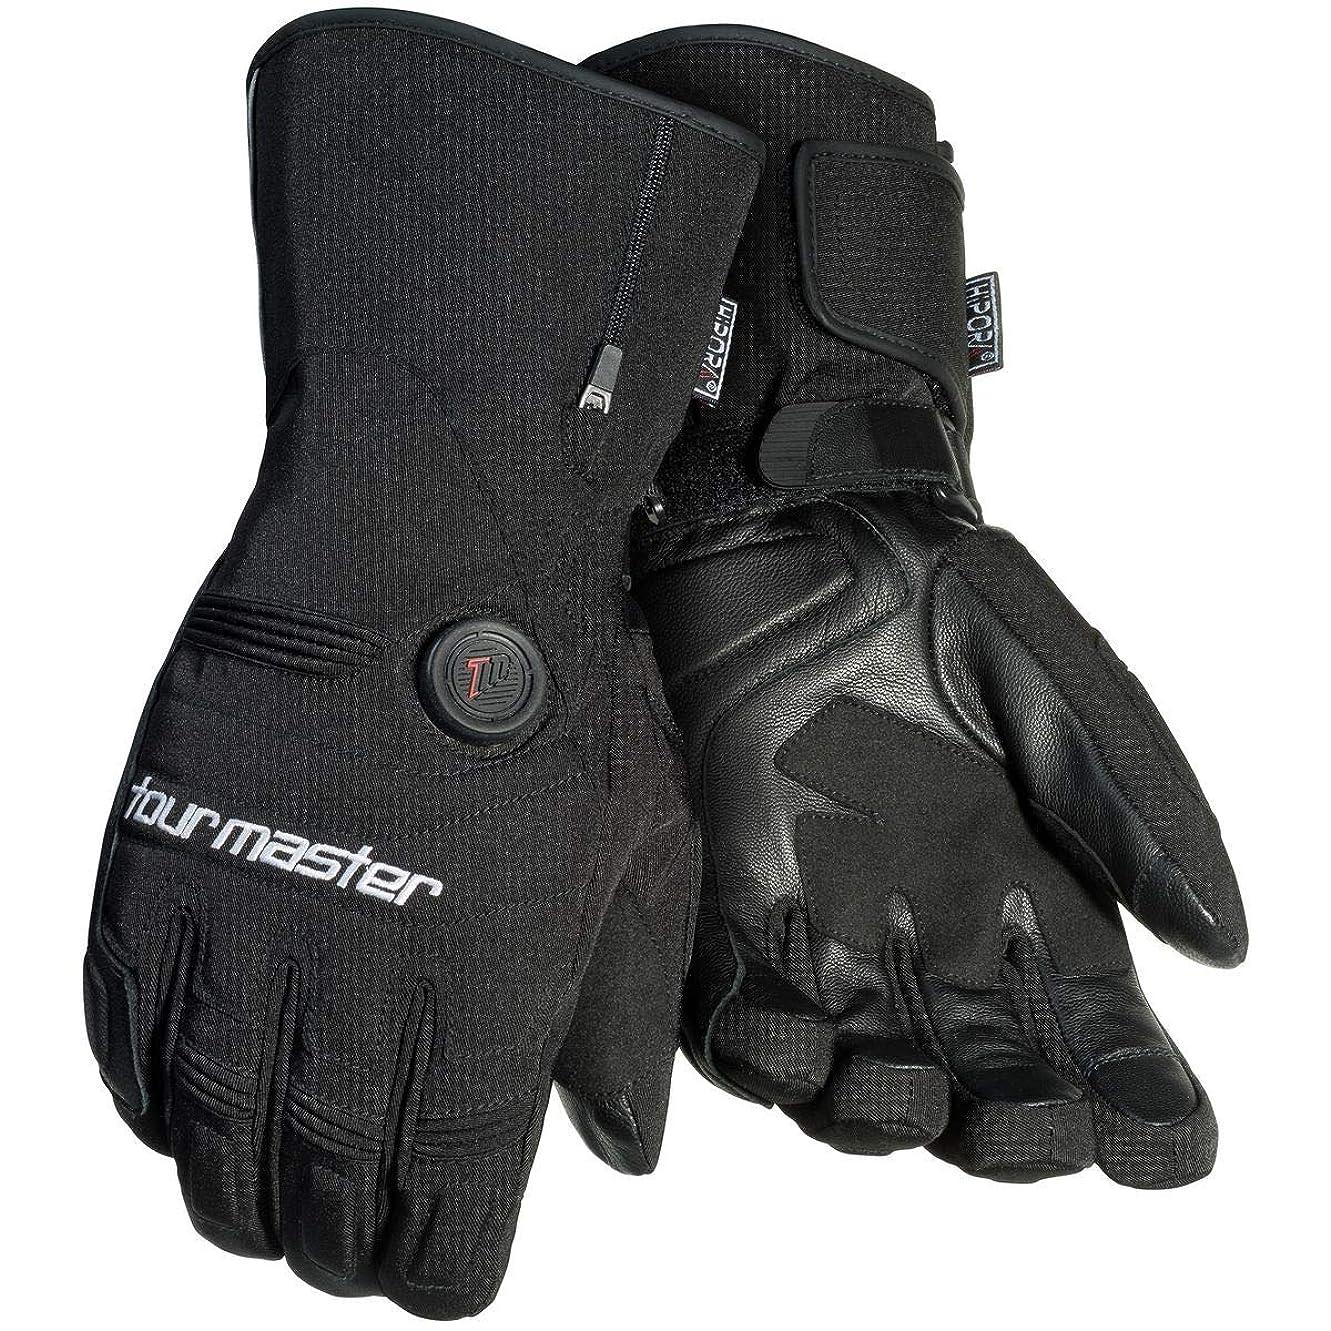 パシフィックひもじゃないツアーマスターSynergy 7.4?V Womens Textile Street Racing Motorcycle Gloves L ブラック 8430-7405-76